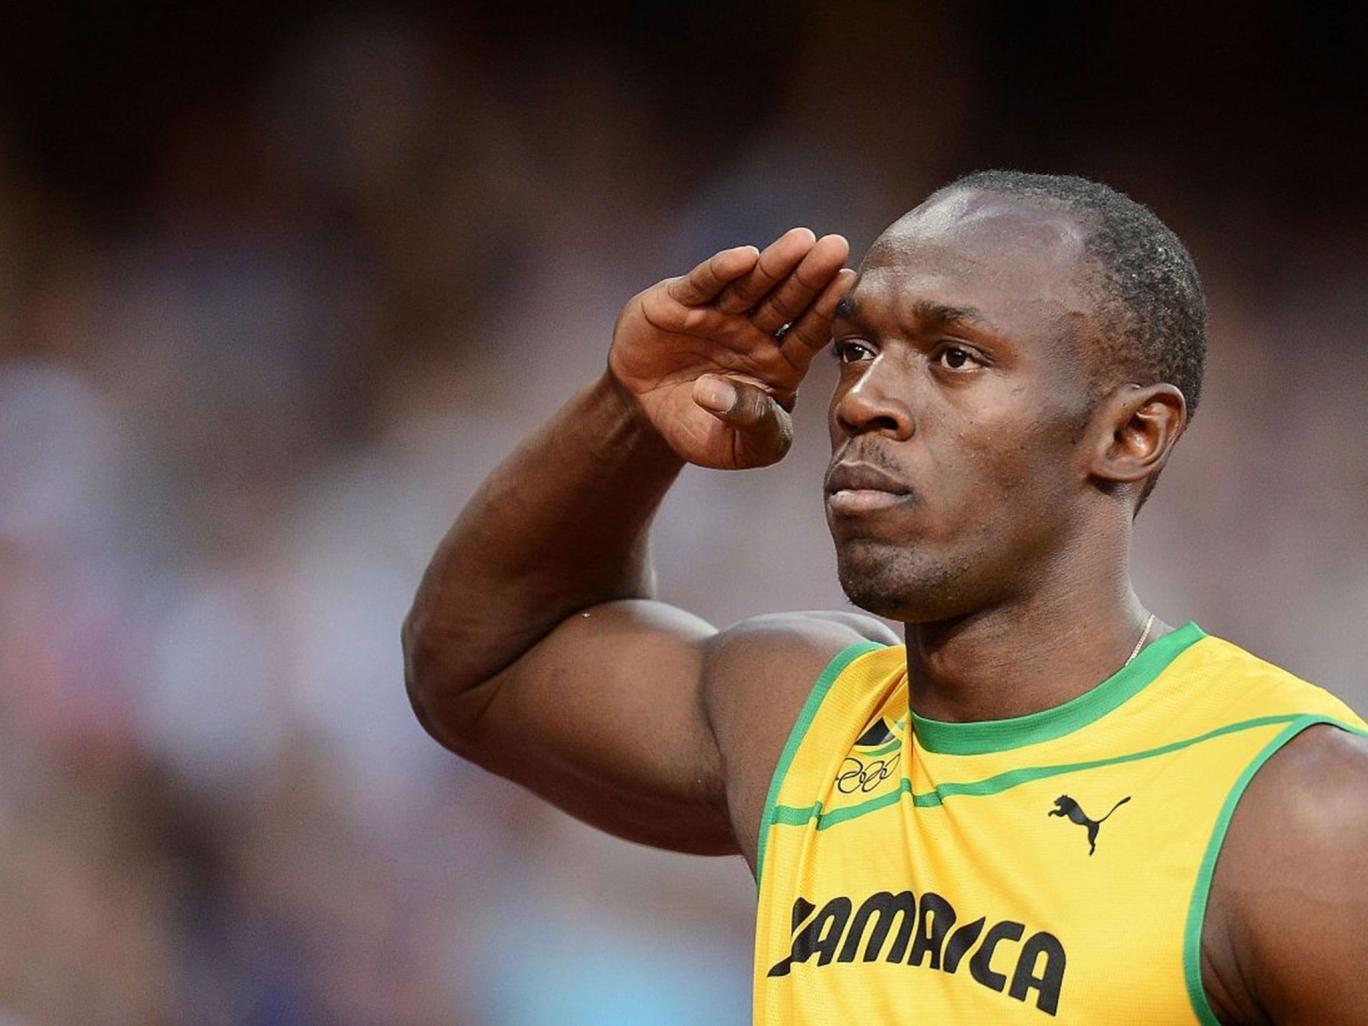 Bolt salutes the Jamaican flag